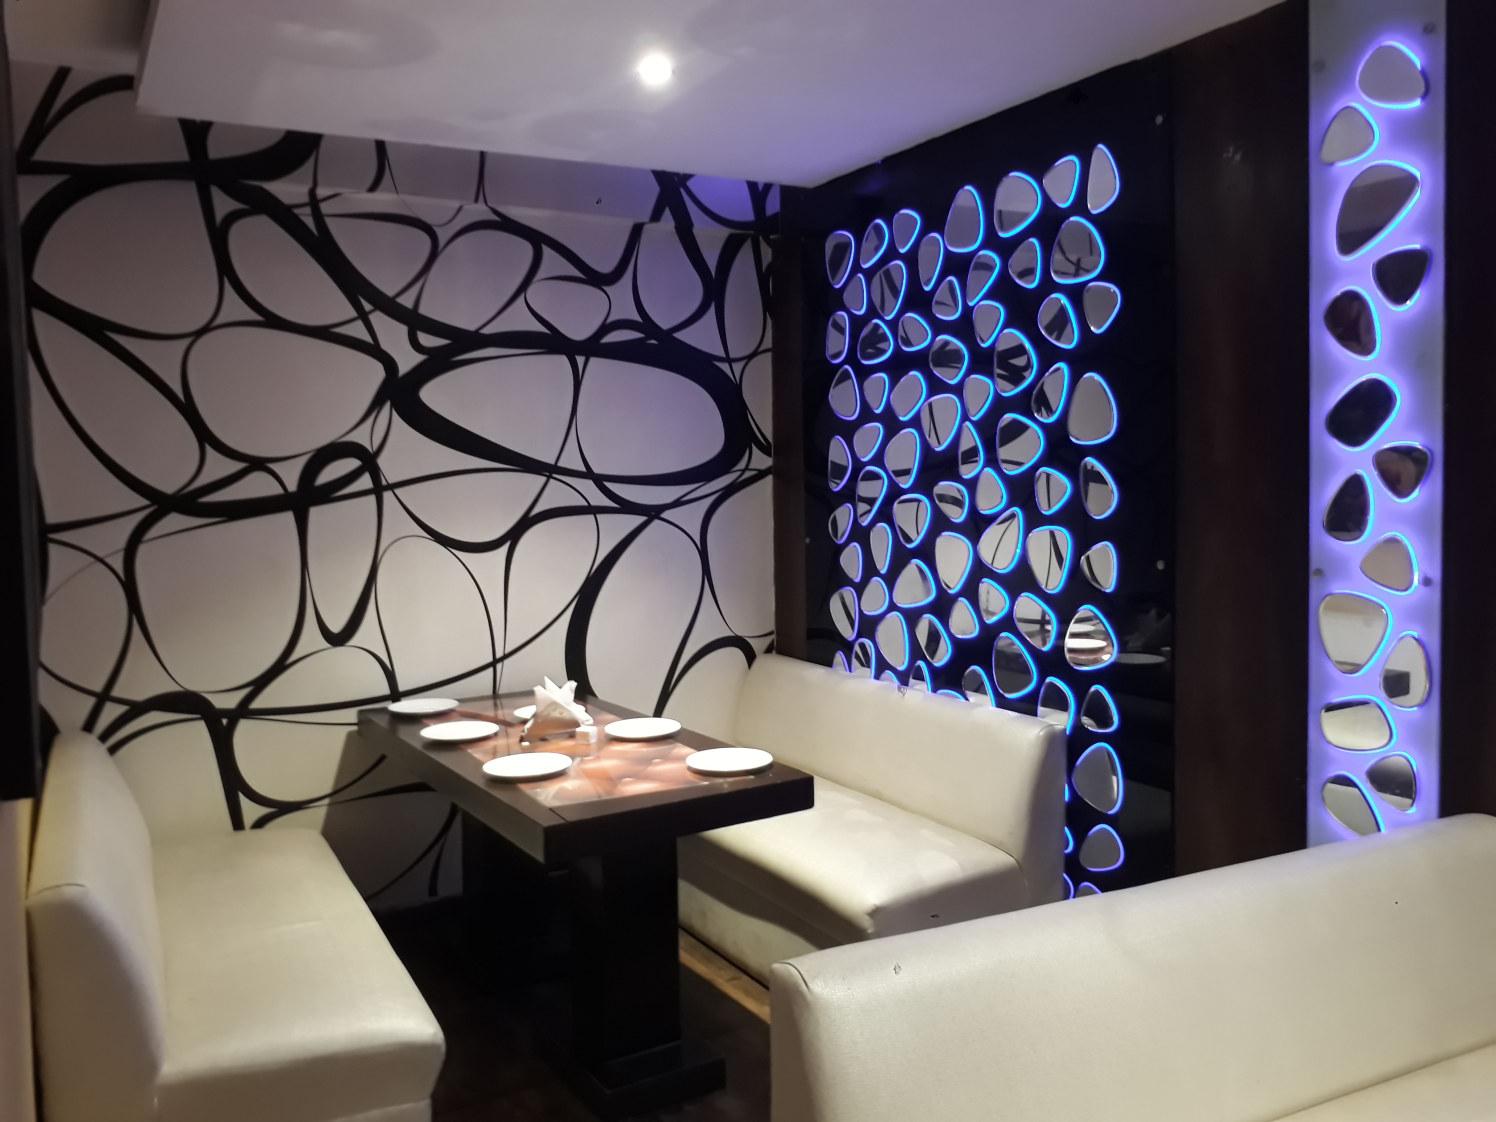 Stylish Restaurant with Designer Walls and White Sofas by Shailash Pandita Modern   Interior Design Photos & Ideas